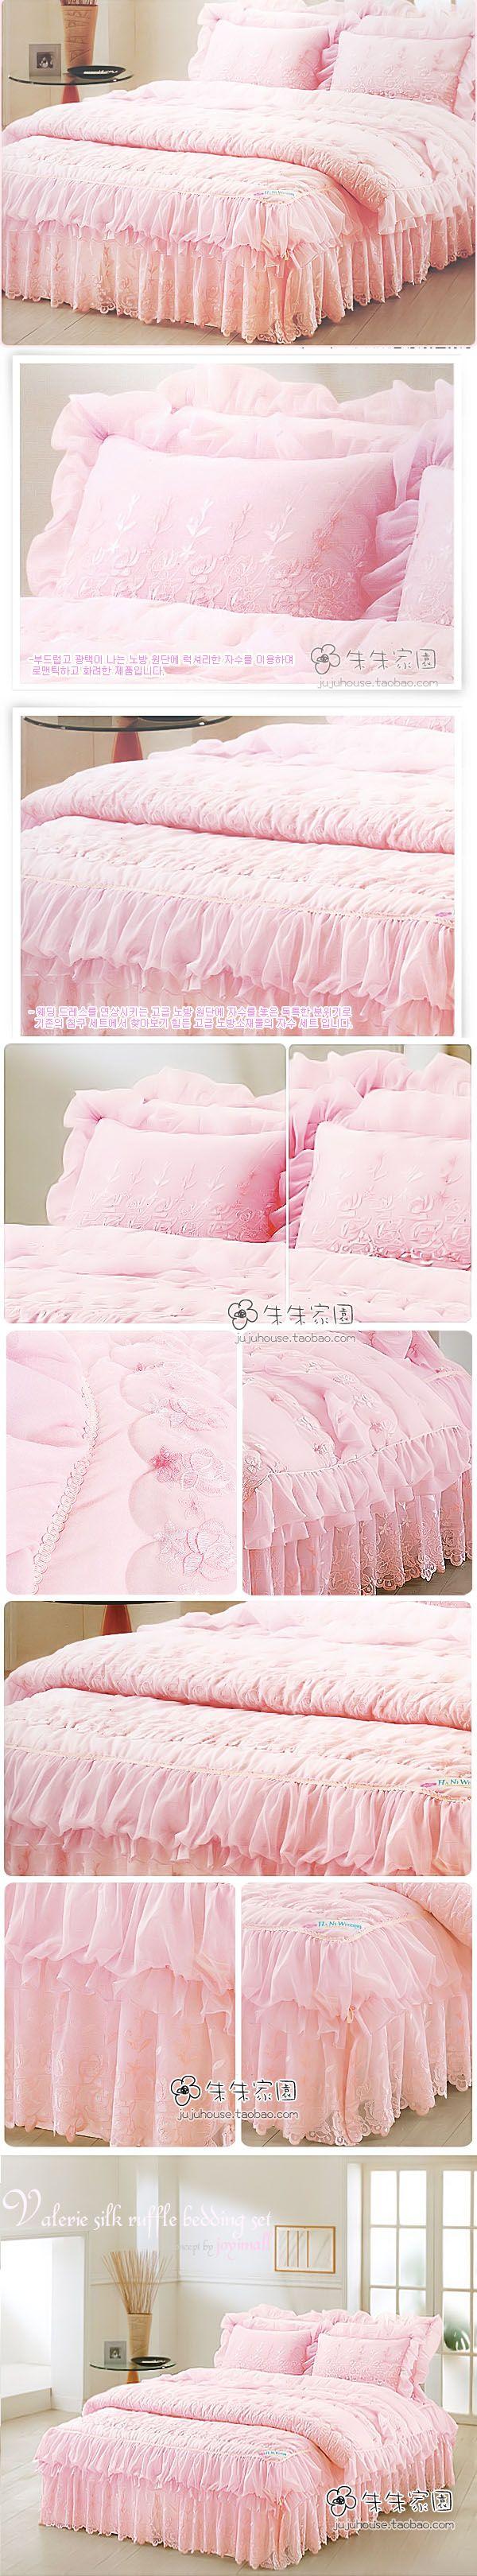 19 best kawaii dorm room ideas images on Pinterest | Kawaii sachen ...